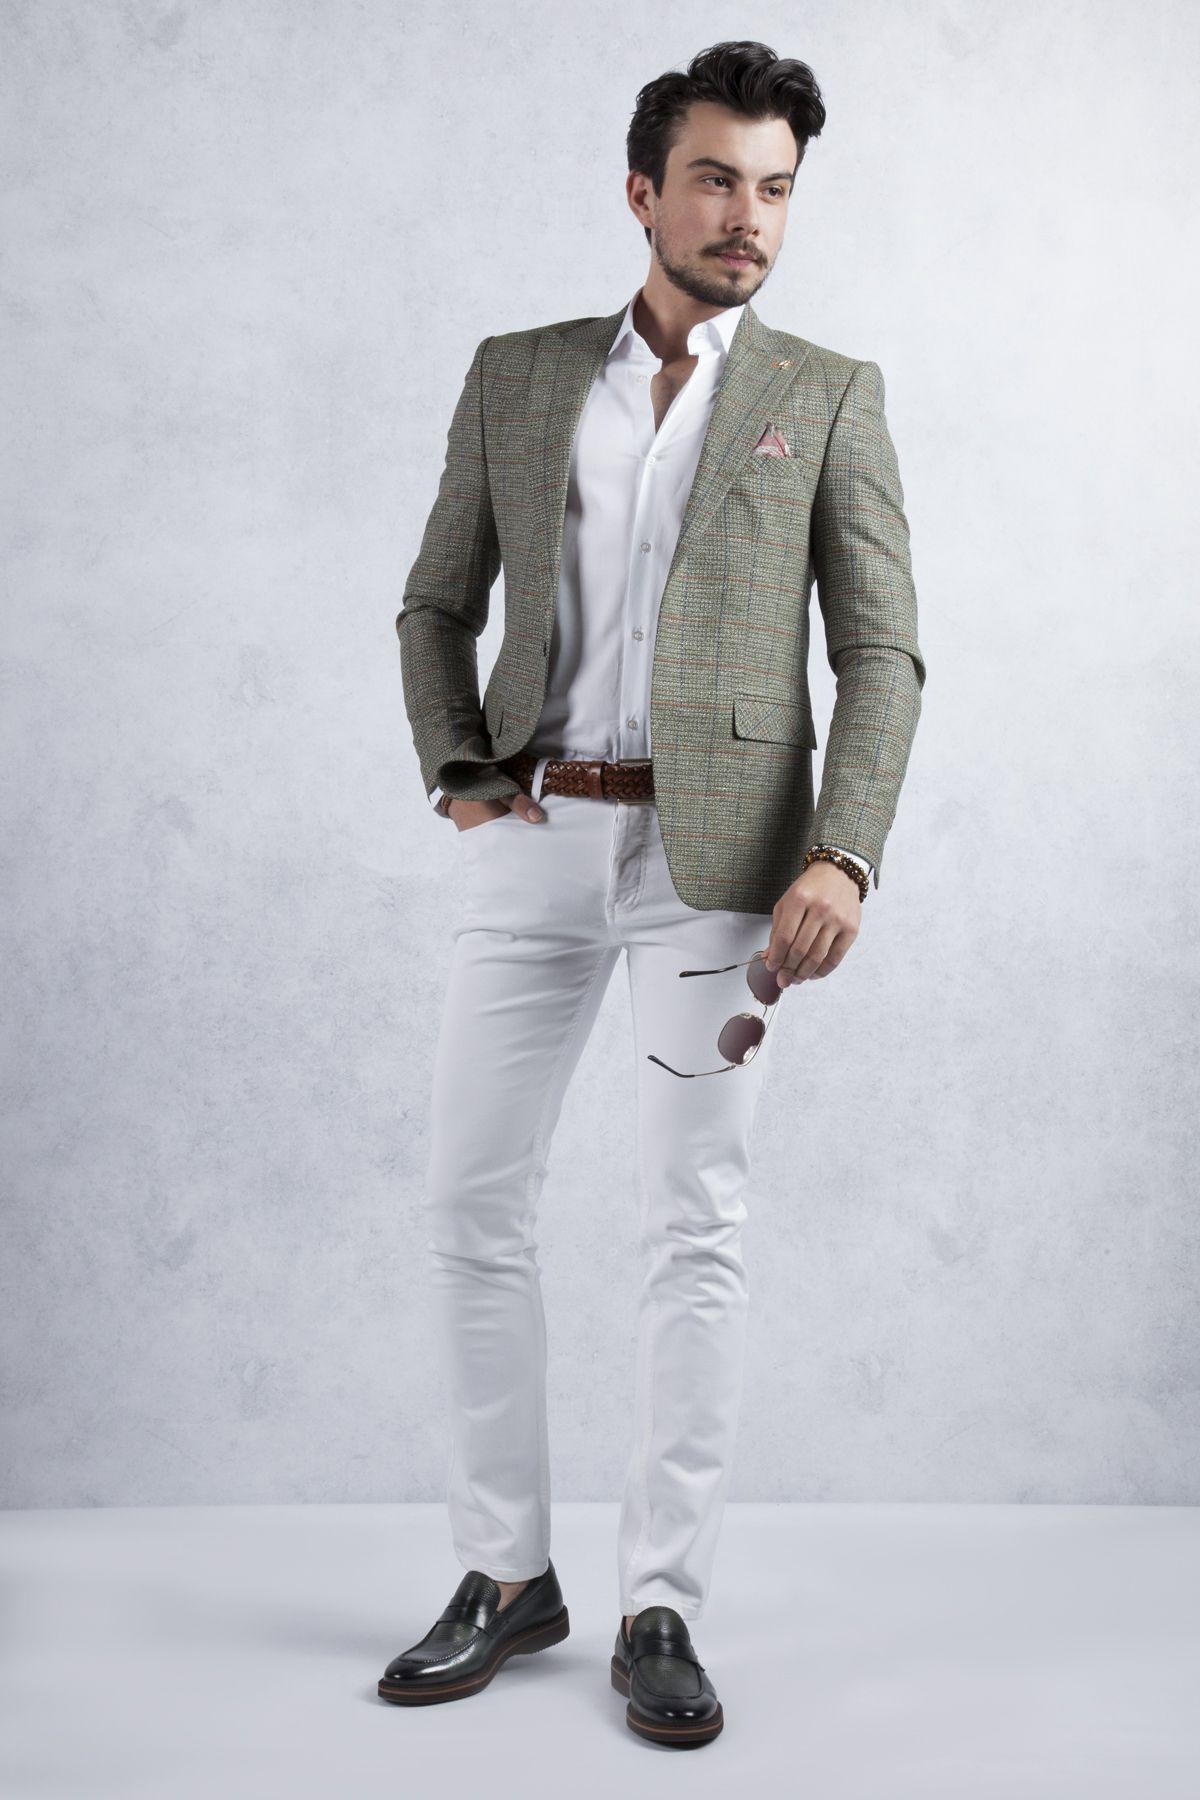 Yesil Ceket Beyaz Jean Kombini Haki Yesili Kareli Blazer Ceket Bu Kombinin En Onemli Parcasi Ceket Ayakkabi Kemer Secimi Tam Bir Jean Blazer Ceket Yesil